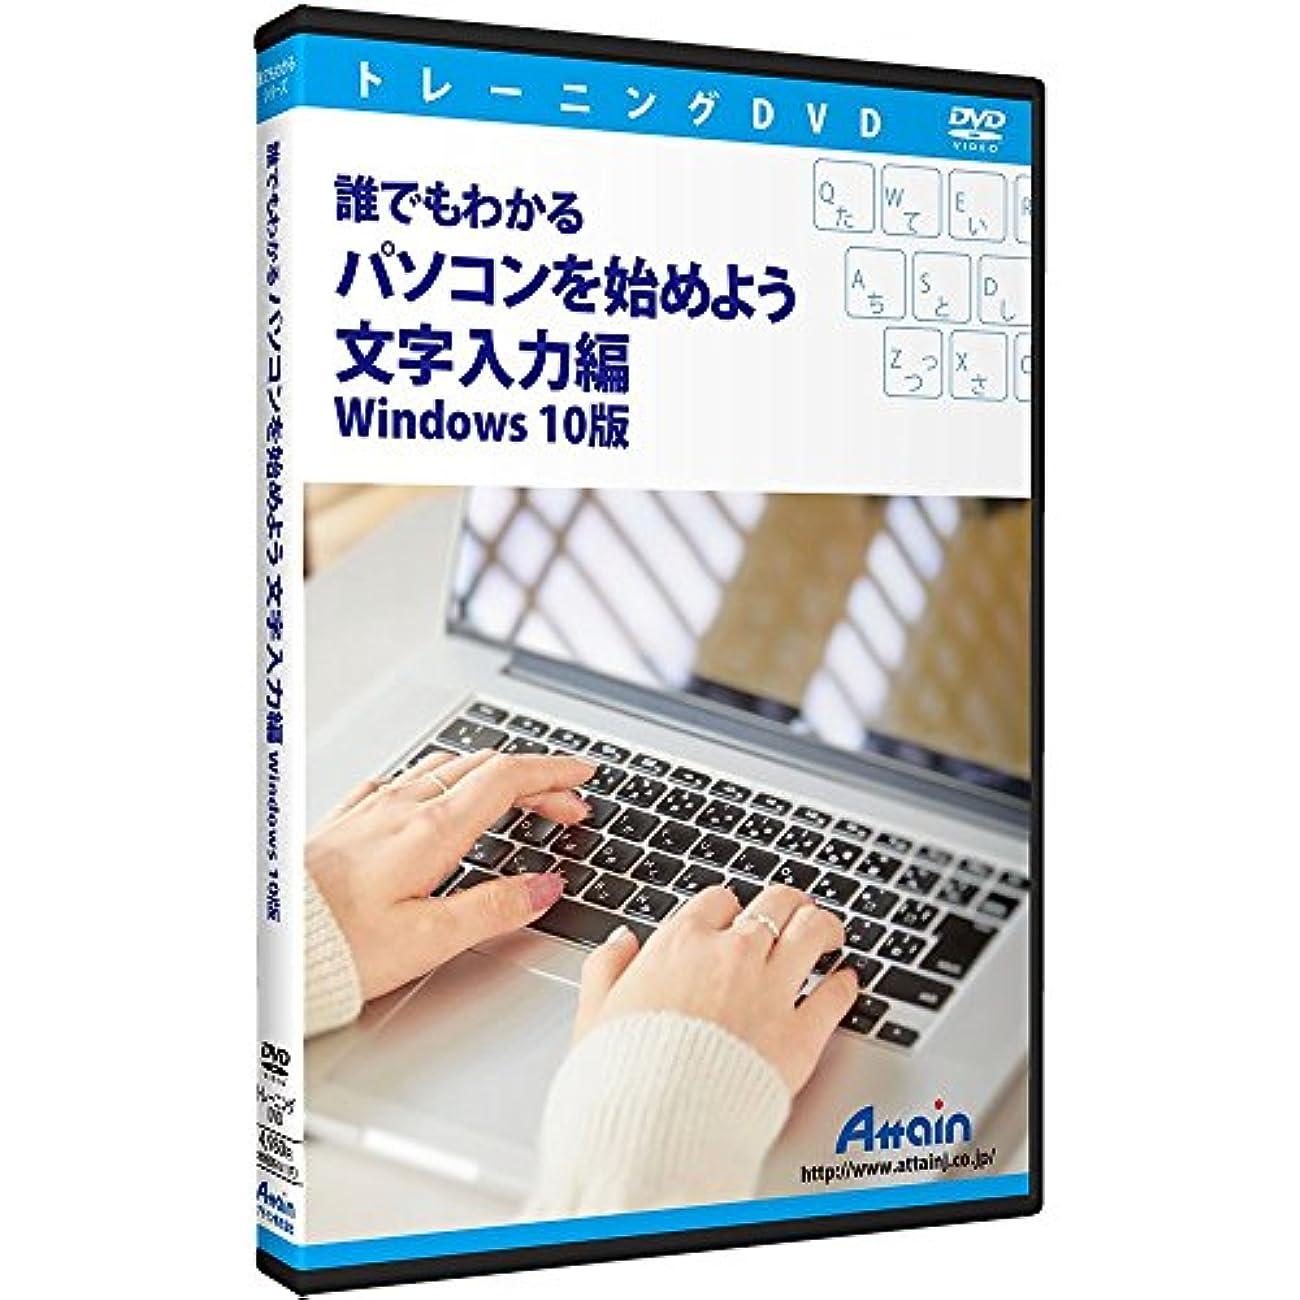 ボートコカイントランジスタ誰でもわかる パソコンを始めよう 文字入力編 Windows 10版